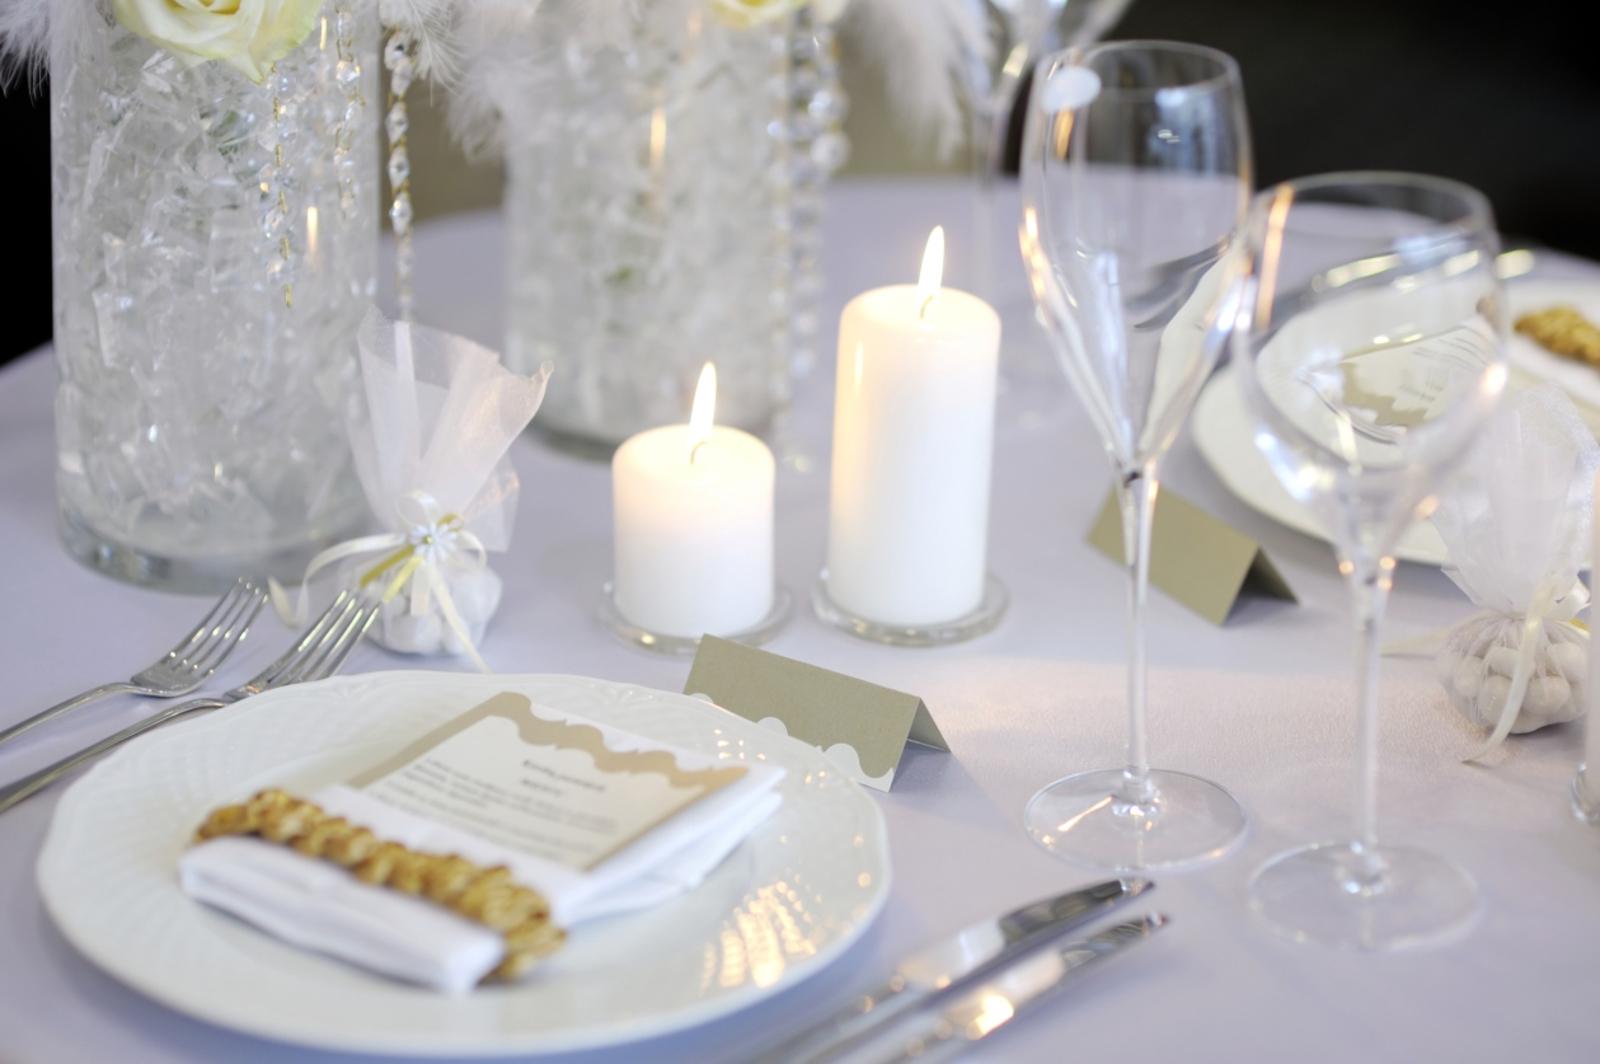 Tischdeko inspirationen f r die hochzeitsfeier wir for Hochzeitsdekoration hamburg